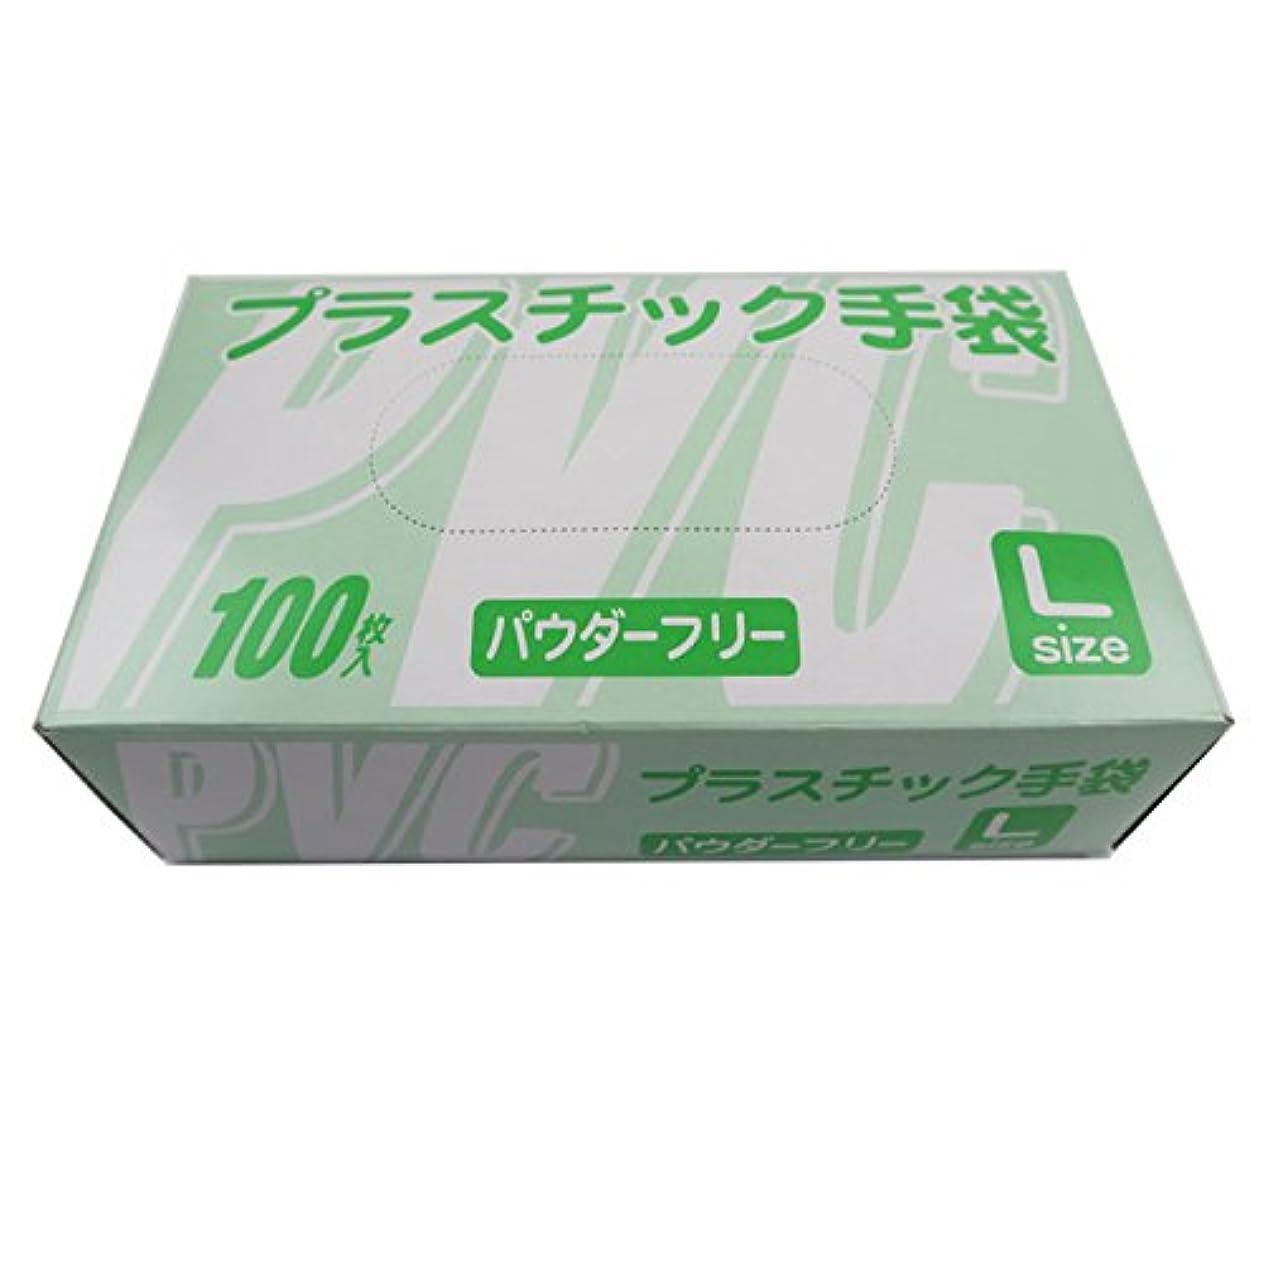 流土地広告主使い捨て手袋 プラスチックグローブ 粉なし(パウダーフリー) Lサイズ 100枚入×20個 超薄手 100433